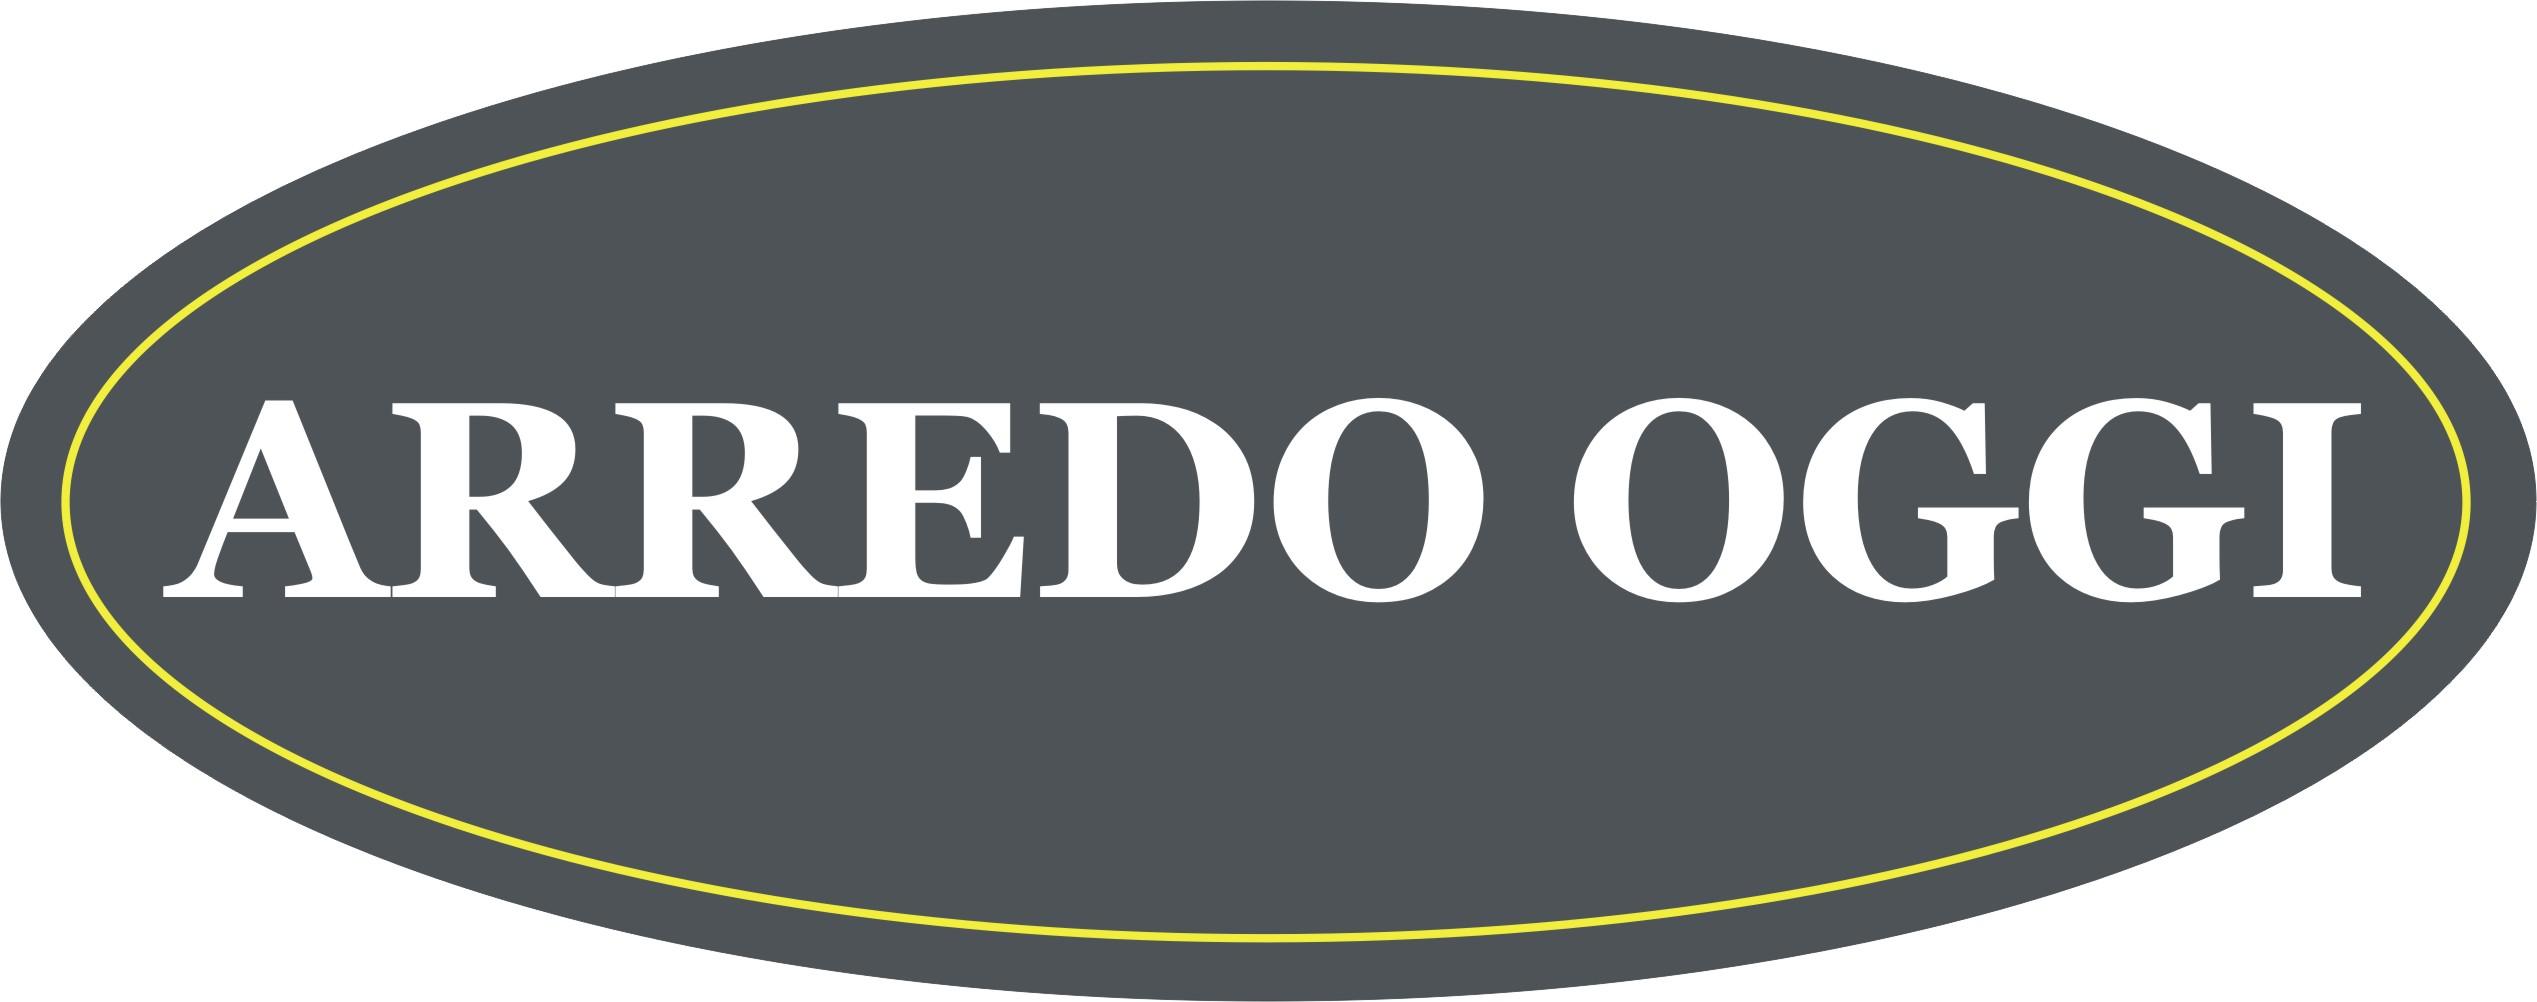 ARREDO OGGI - NEGOZIO DI ARREDAMENTO CON MOBILI CLASSICI E MODERNI - 1